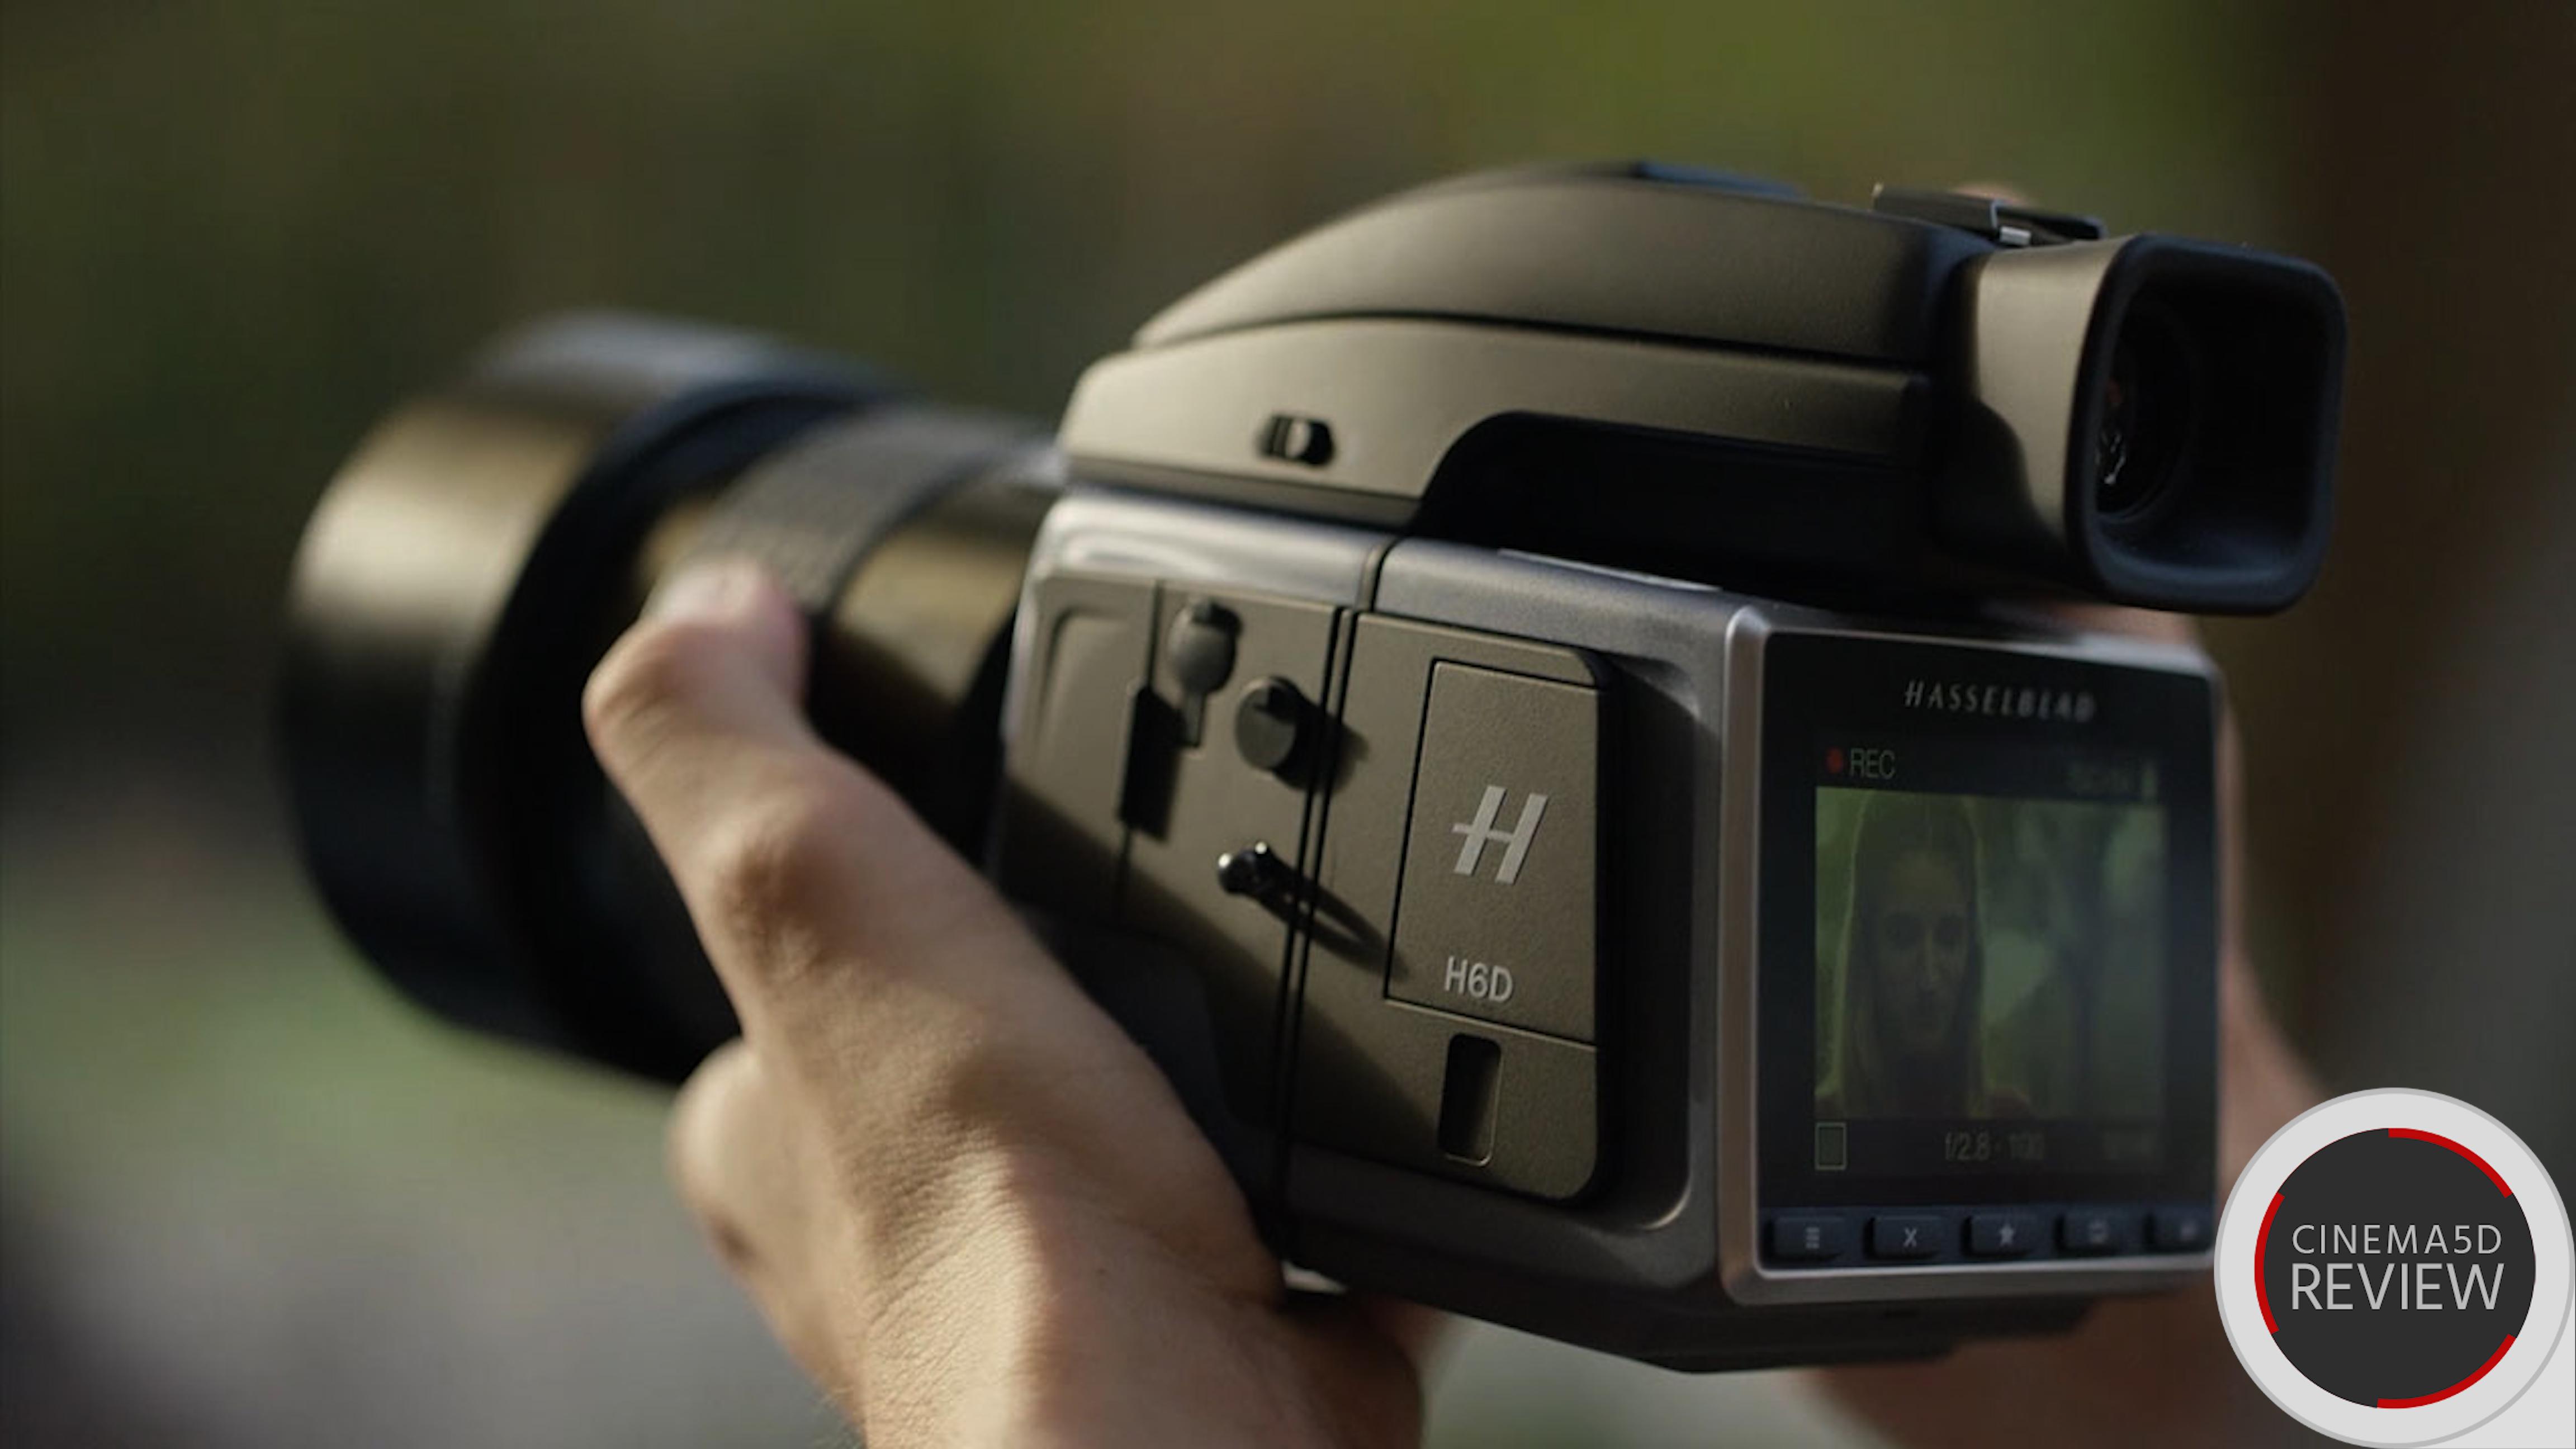 ハッセルブラッド(Hasselblad)H6D-100cレビュー - 中判カメラでビデオを撮る